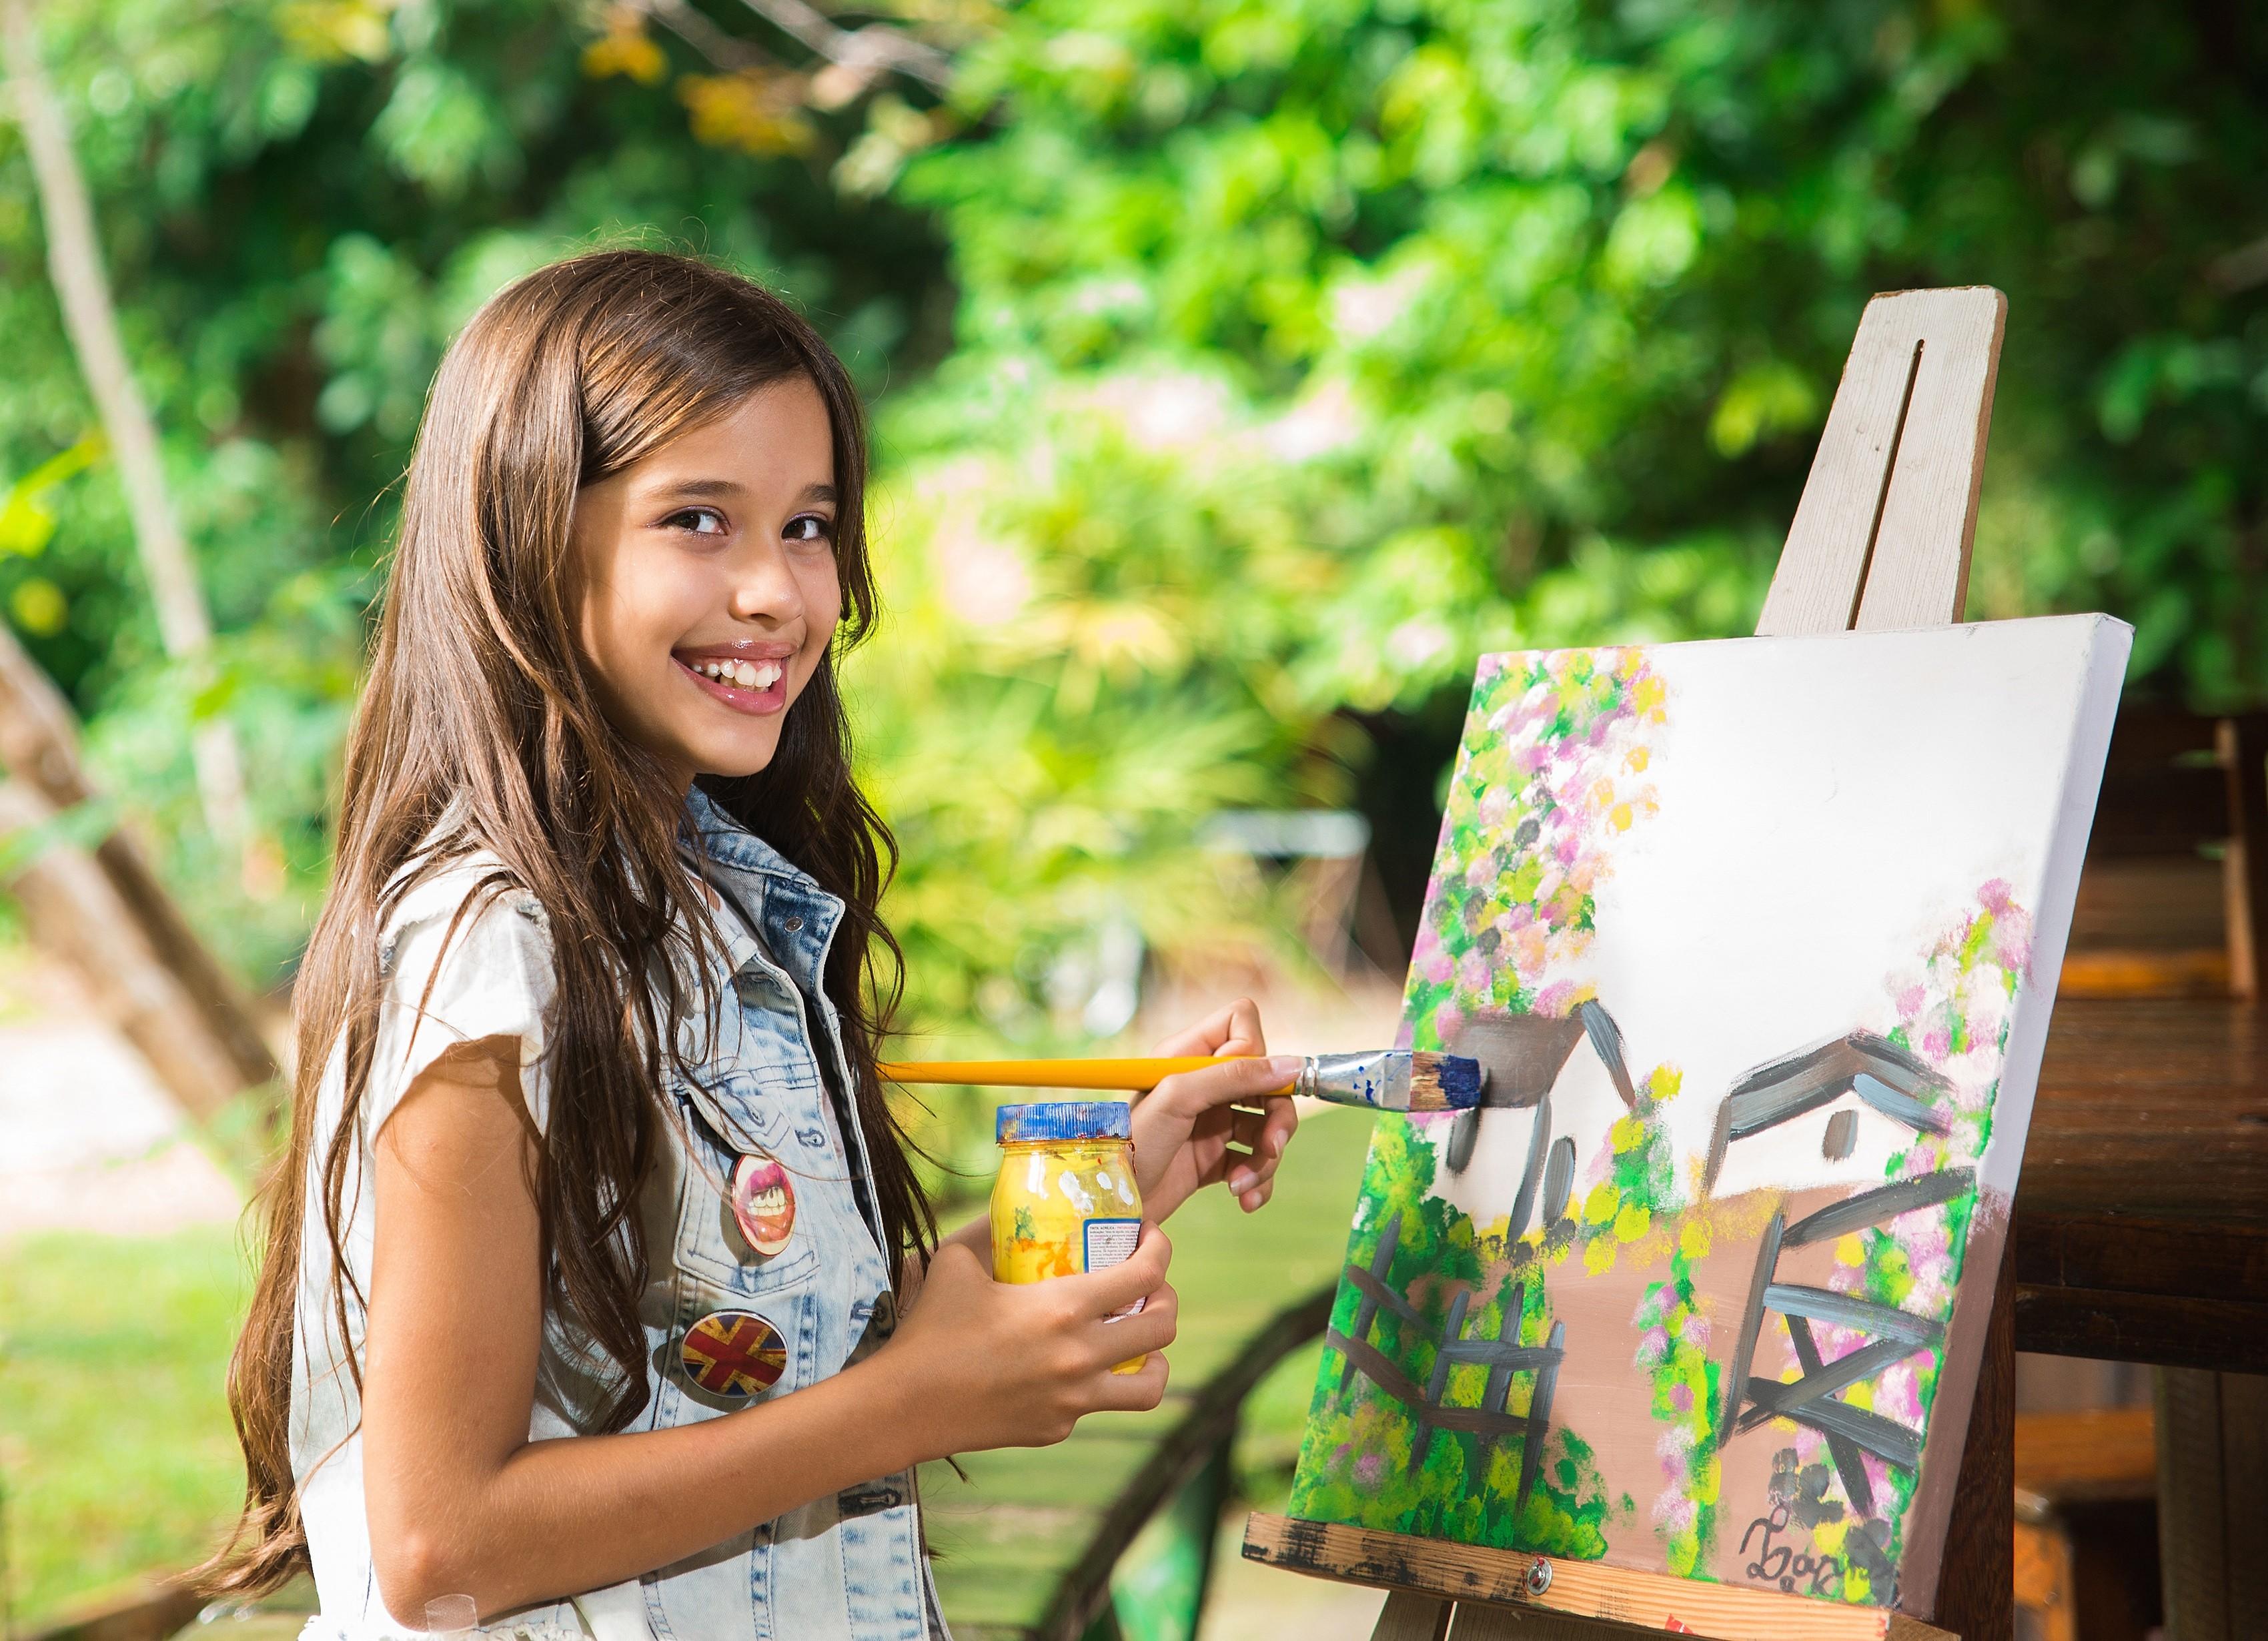 A artista mirim Larissa Kanzler, uma das escolhidas para integrar a mostra (Foto: Divulgação)